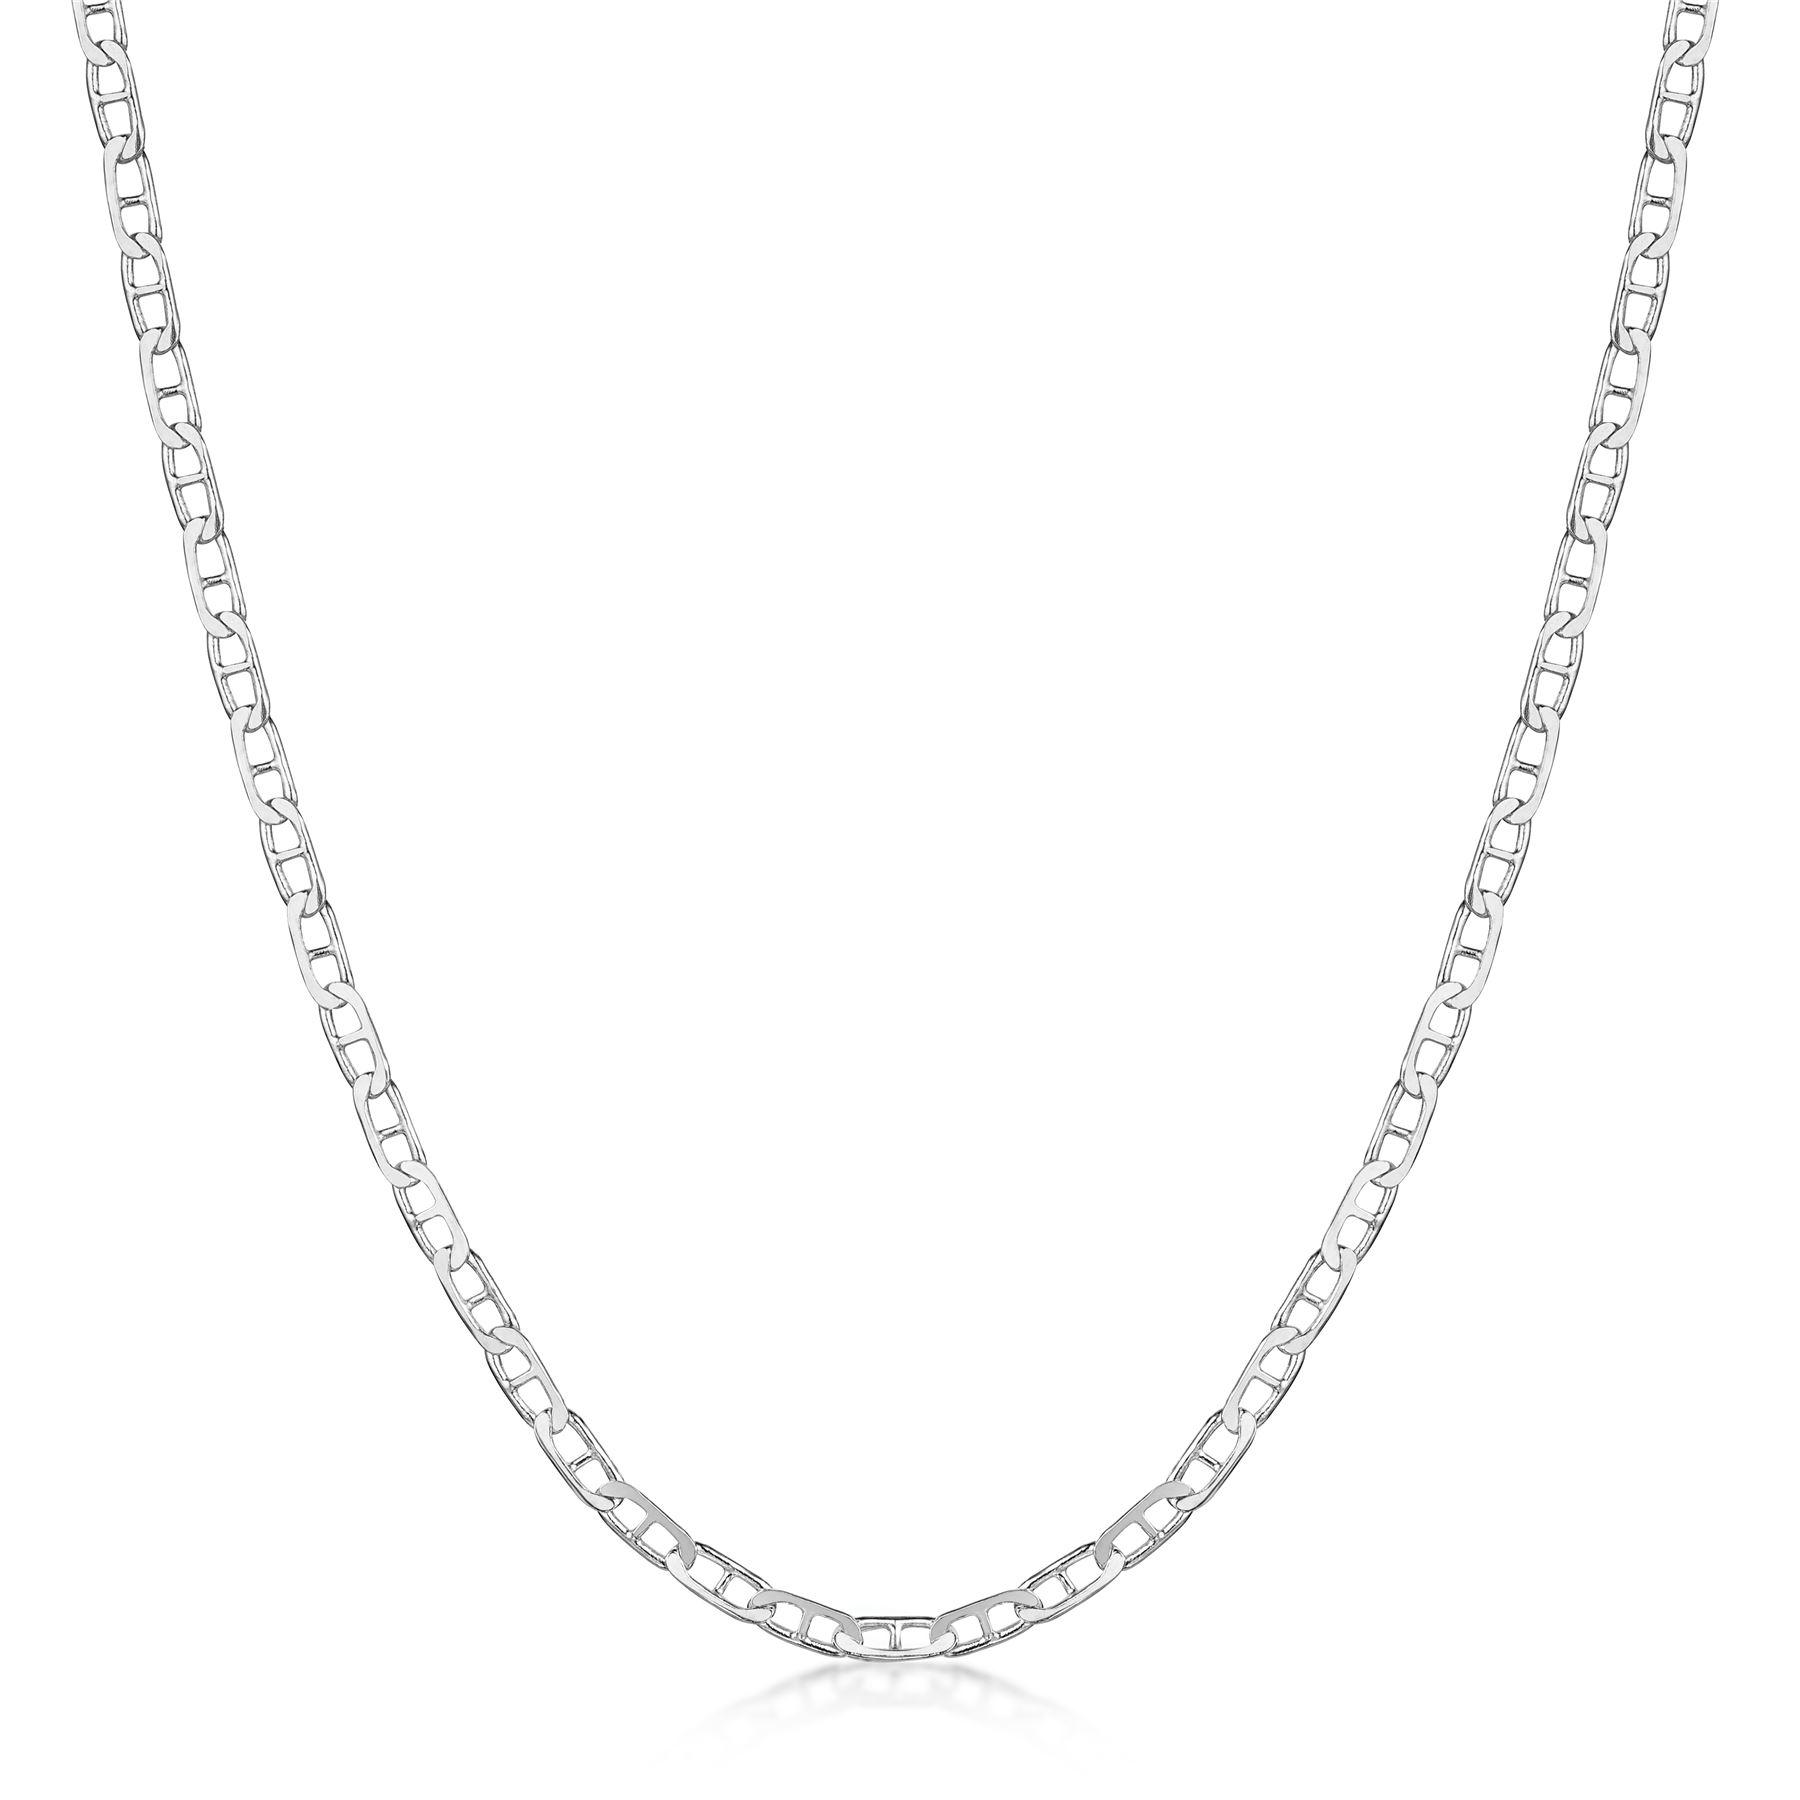 Amberta-Collar-en-Plata-De-Ley-925-Autentica-Cadena-para-Mujer-y-Hombre-Italiana miniatura 107